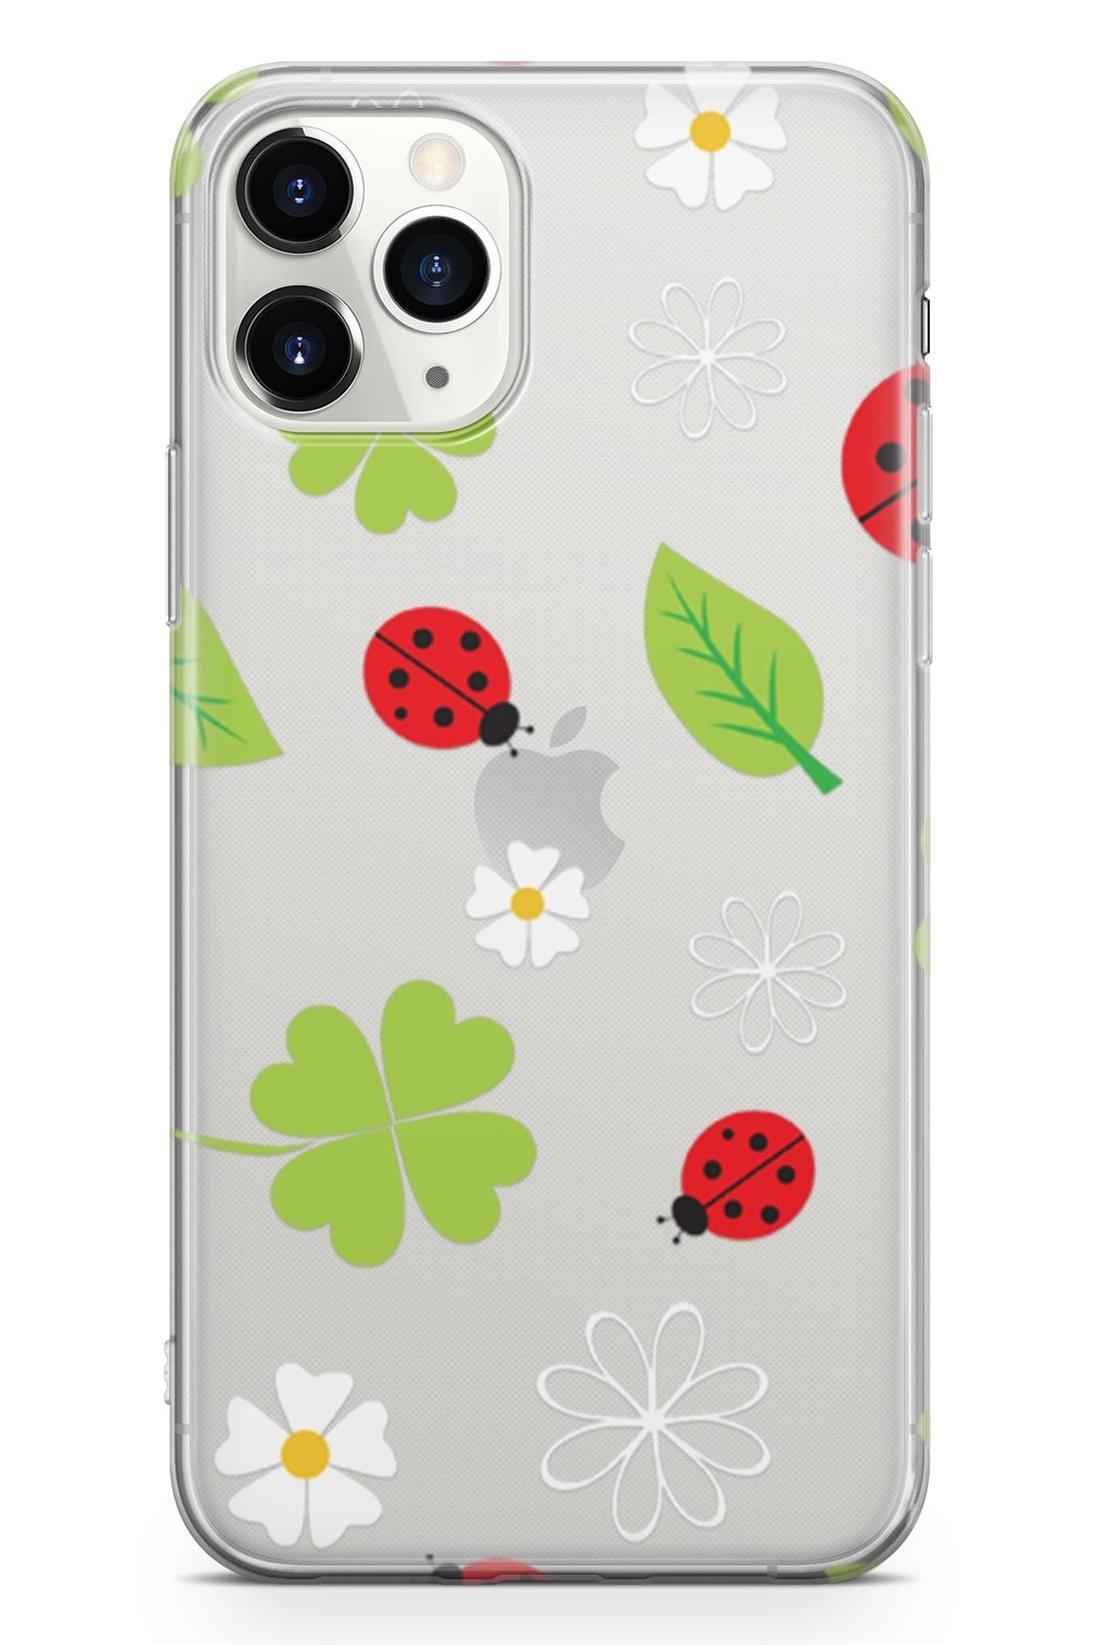 Standart Lopard Apple İphone 11 Pro Kılıf Uğur Böcekleri Yonca Kapak